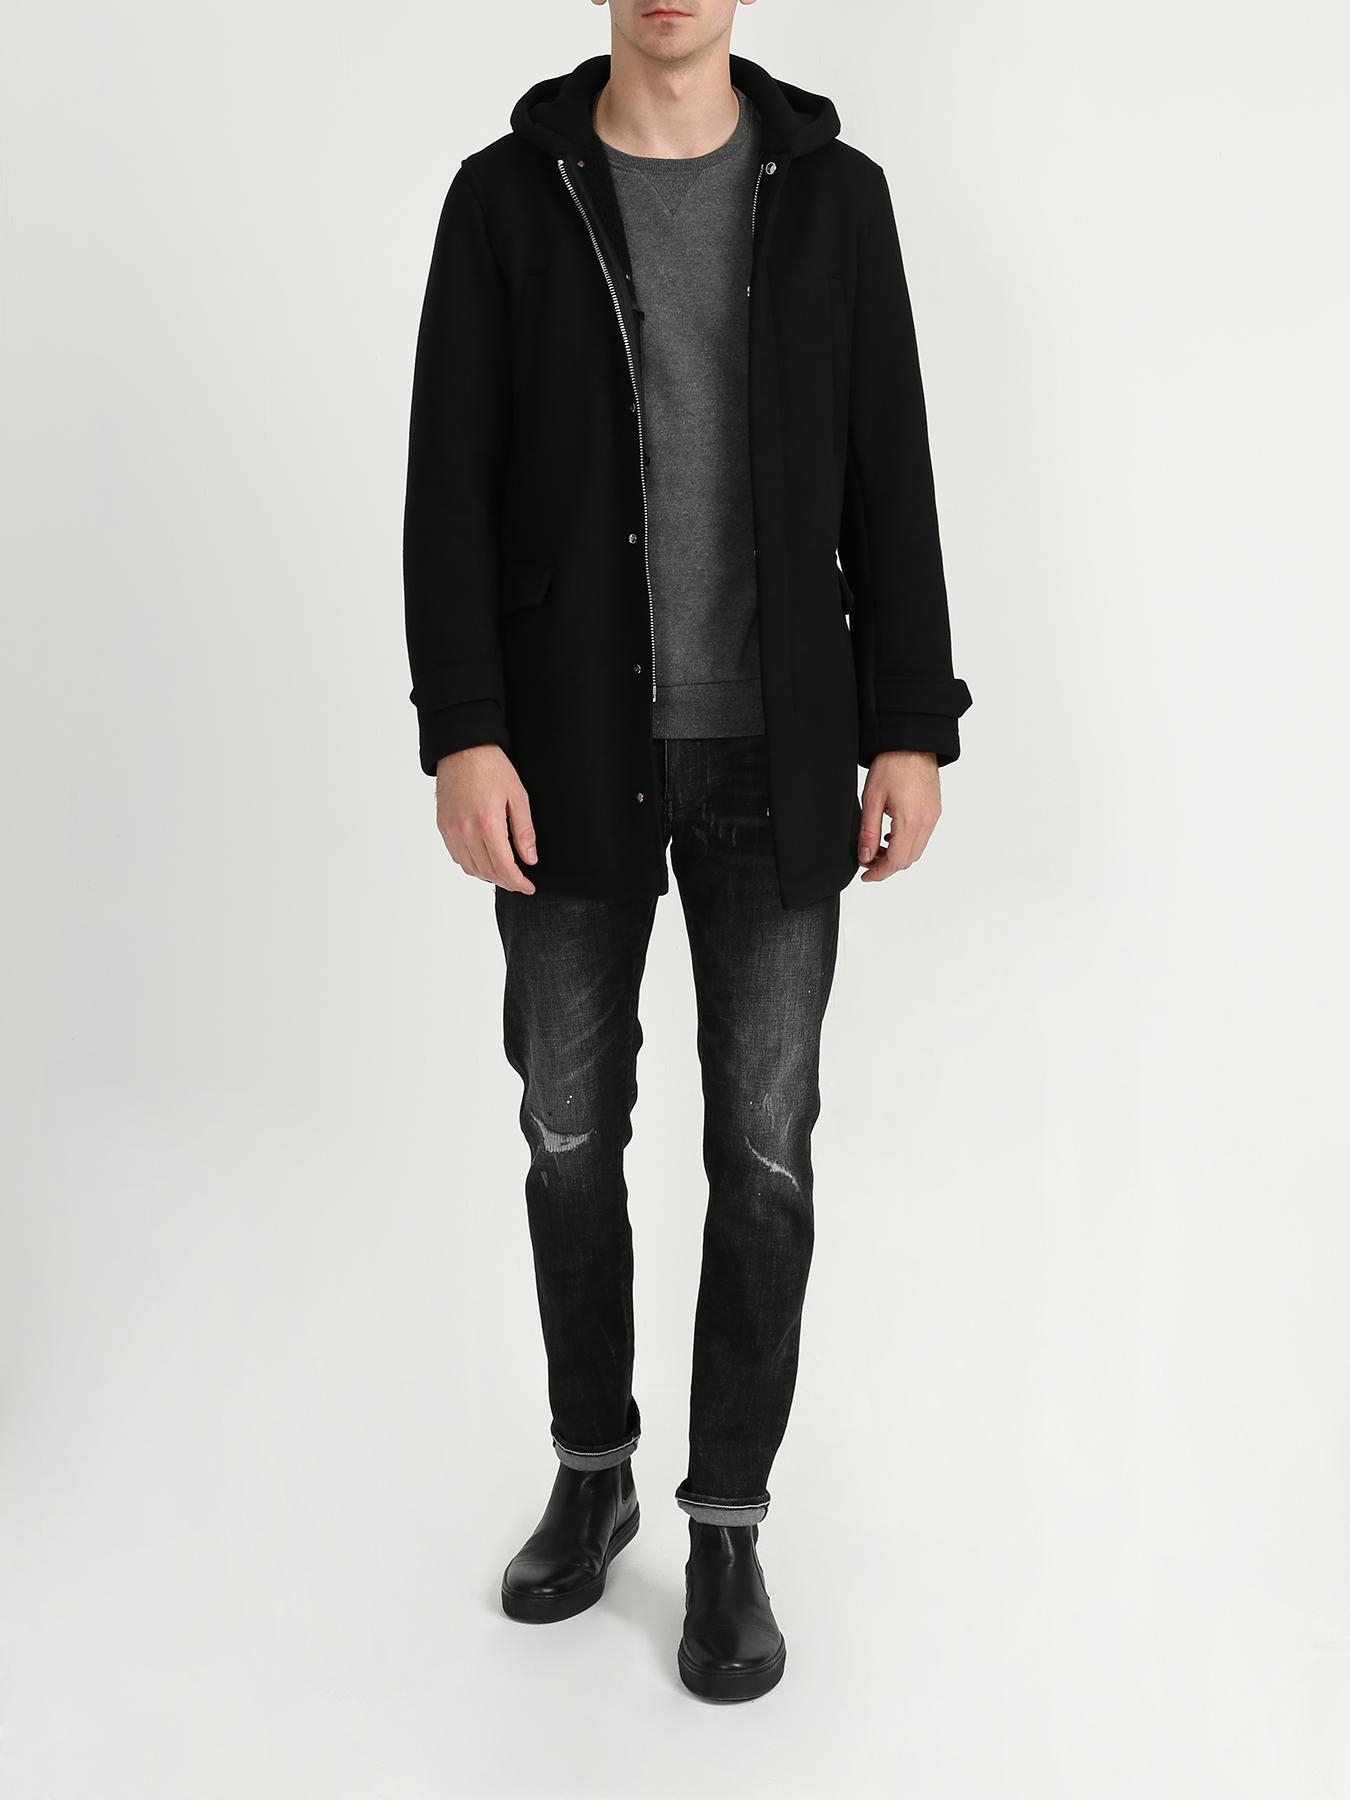 Пальто Emporio Armani Пальто с капюшоном пальто emporio armani черный